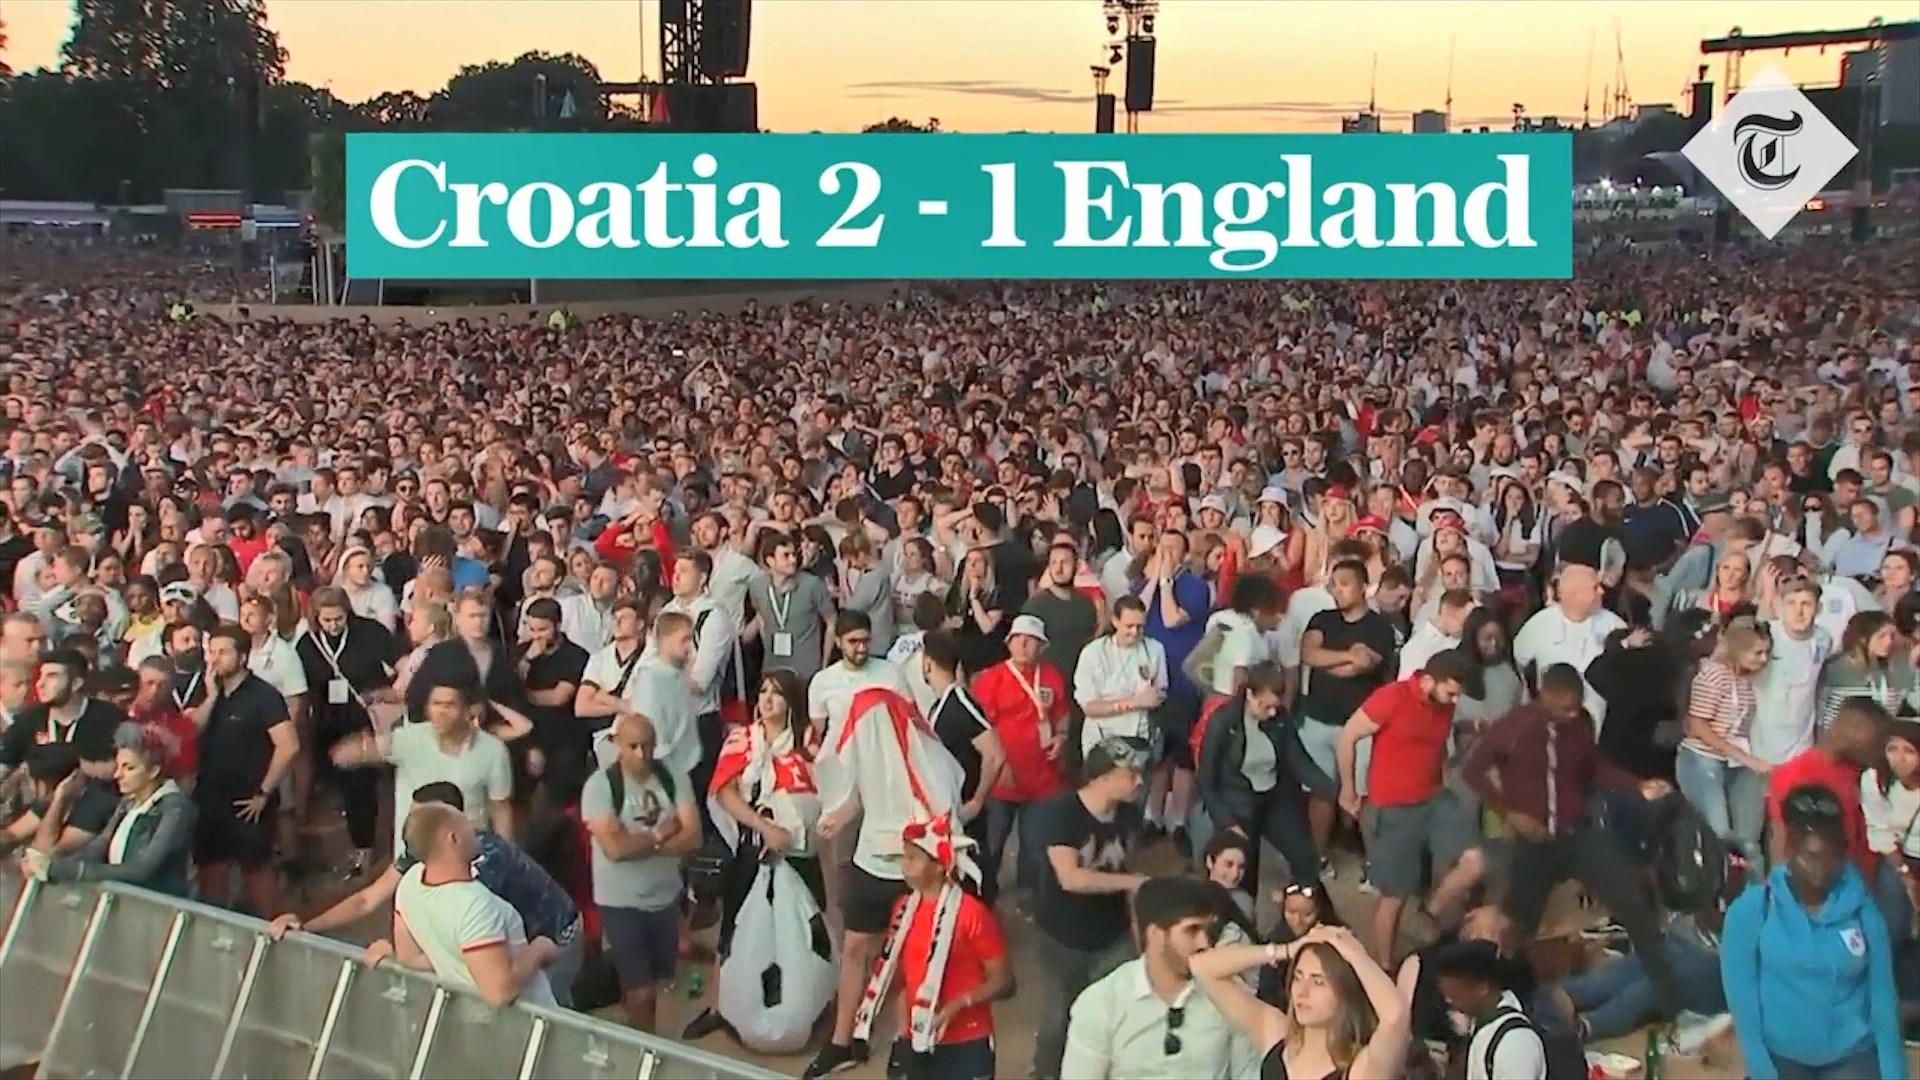 Dëshpërim dhe optimizëm/ Anglezët të lumtur për Kombëtaren, pas dështimit